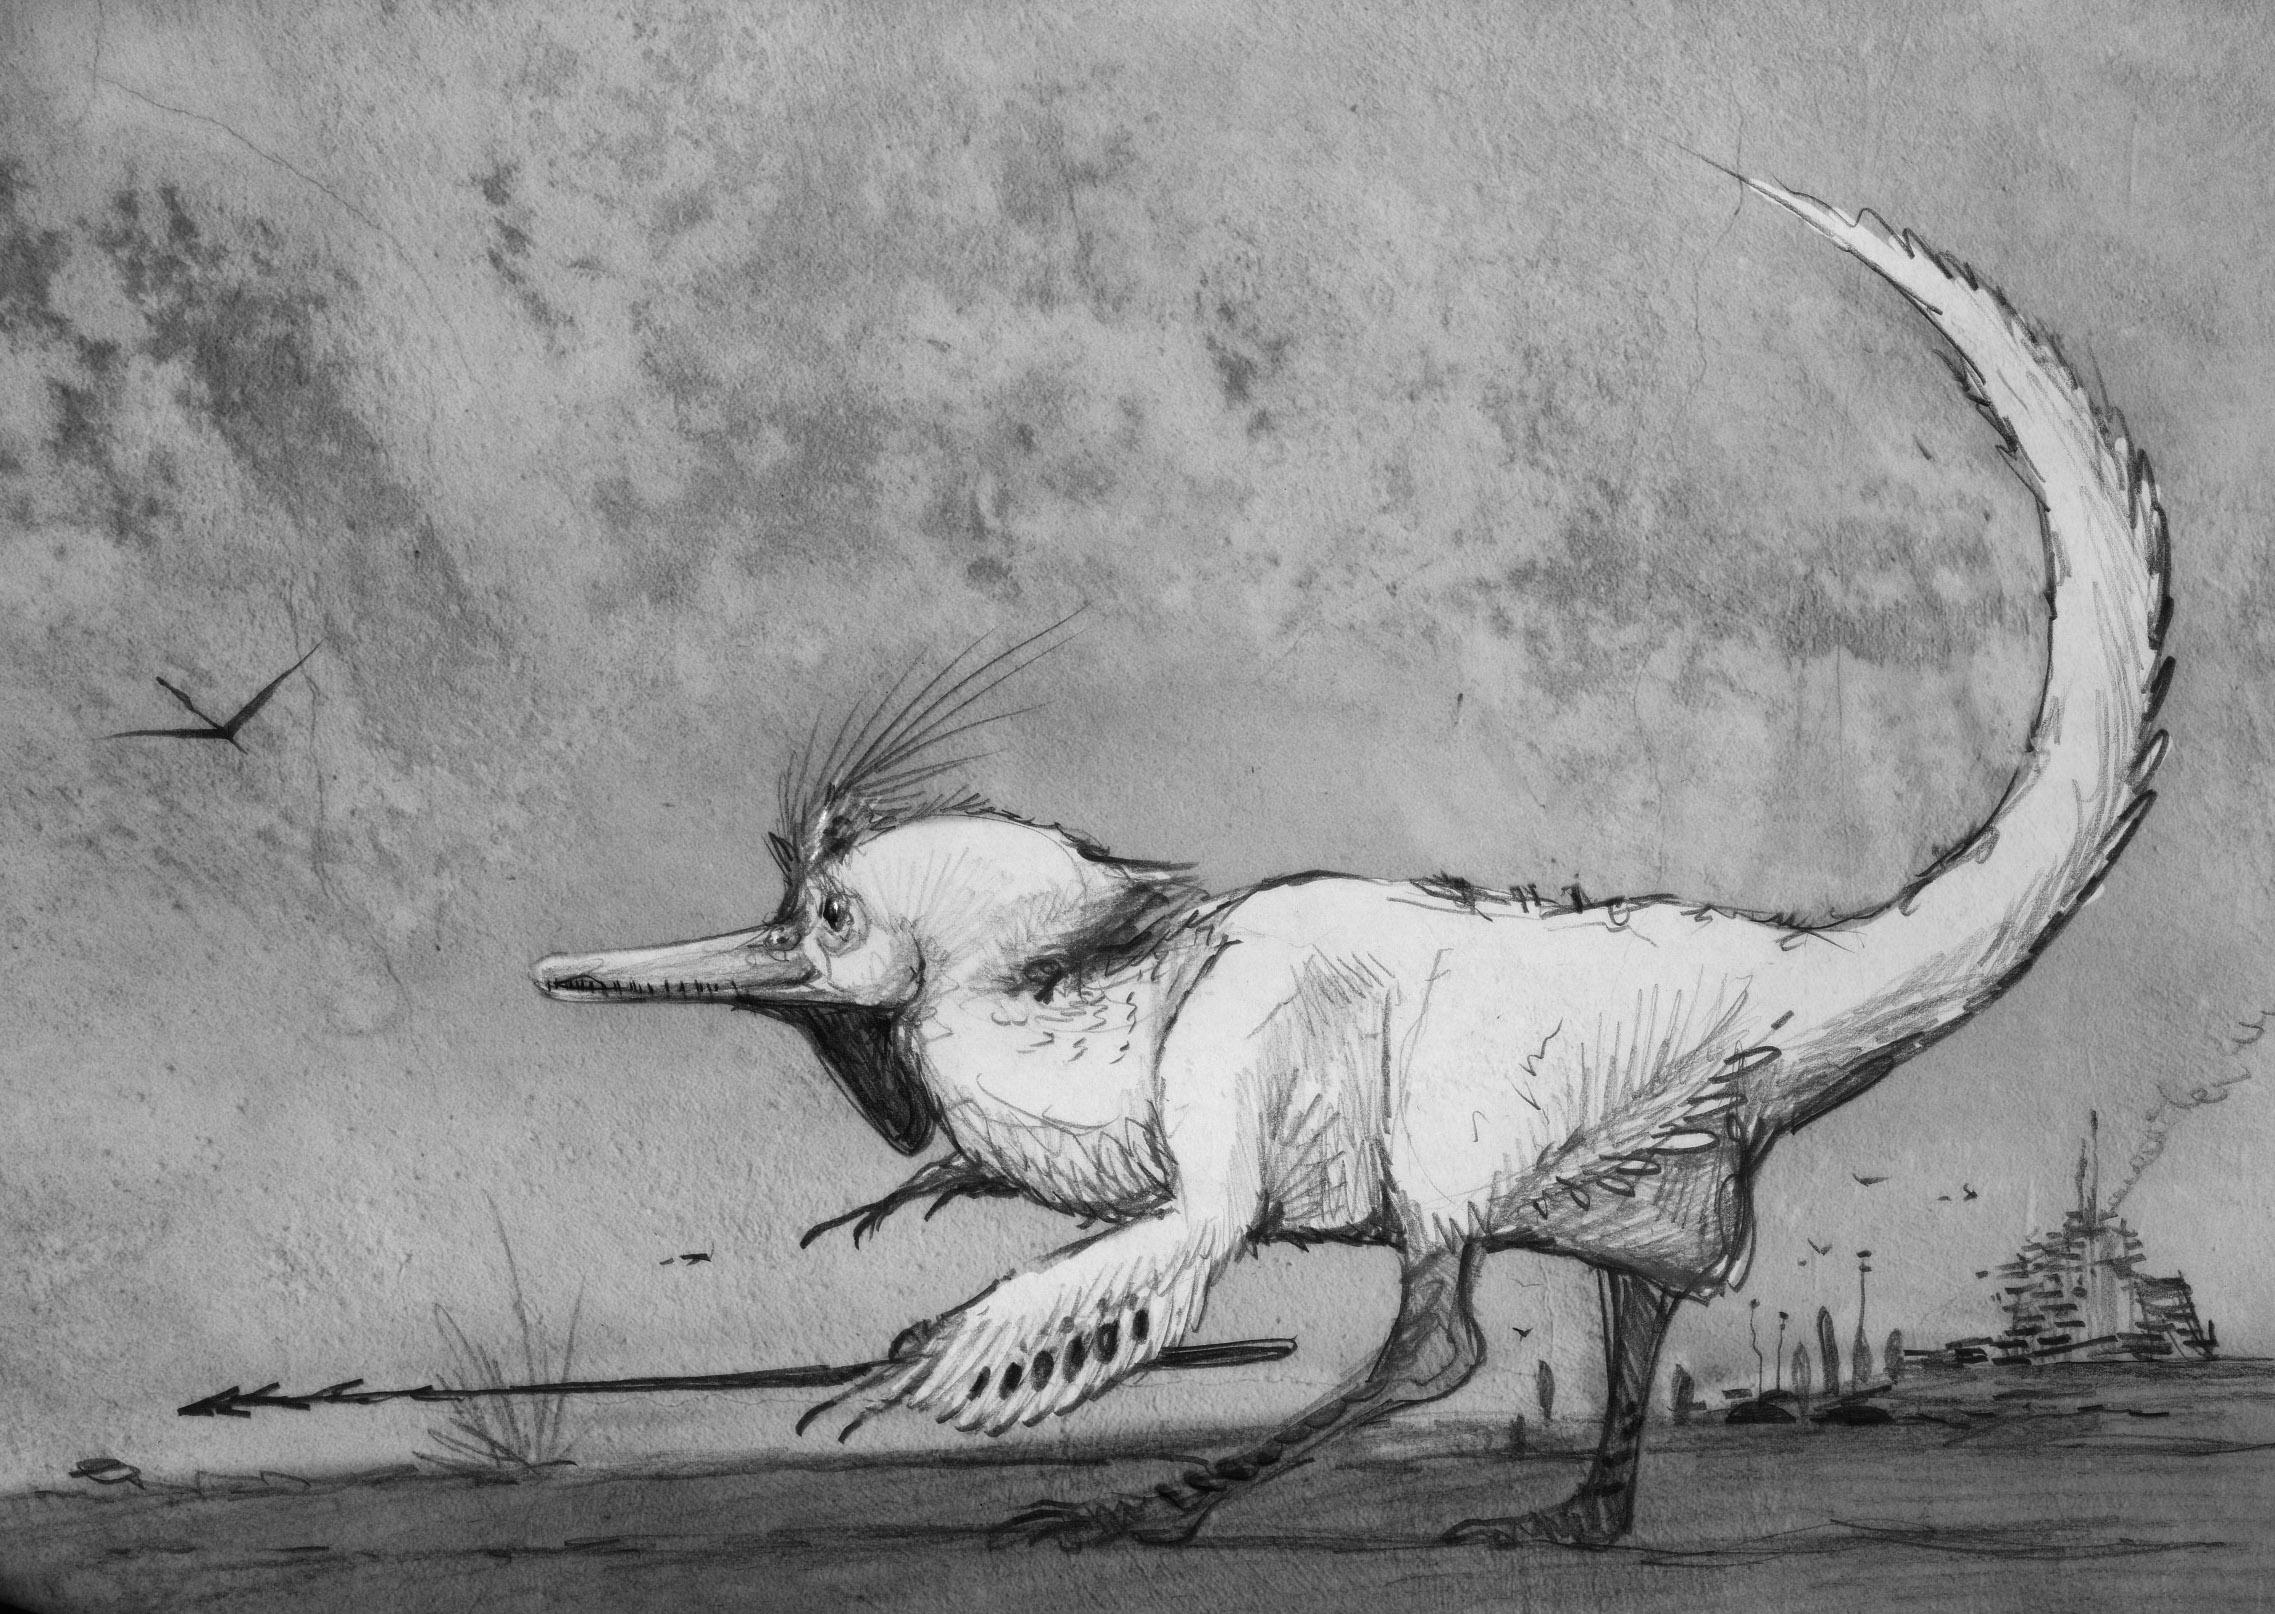 Dinosauroid Surprise